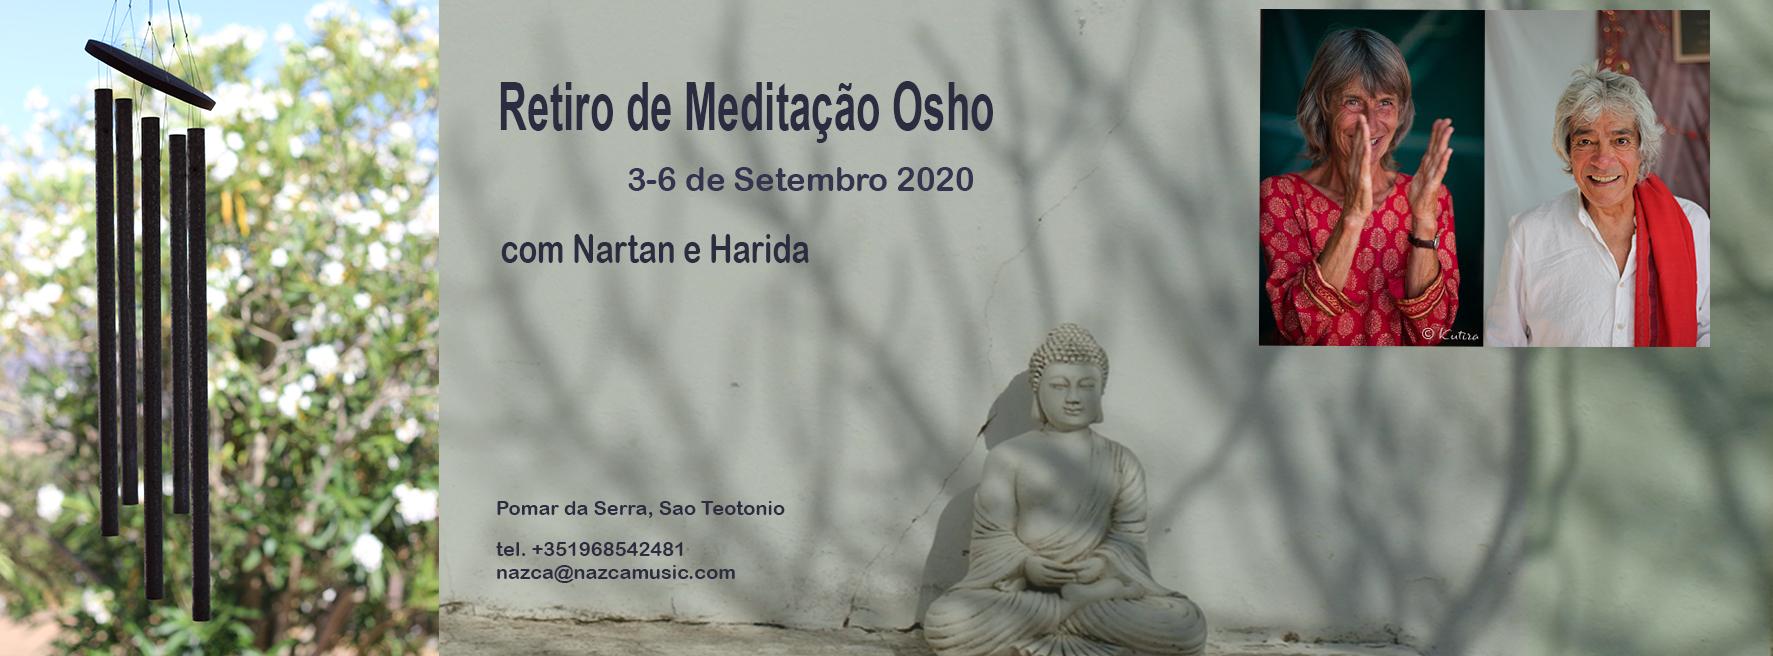 Retiro Meditação Osho